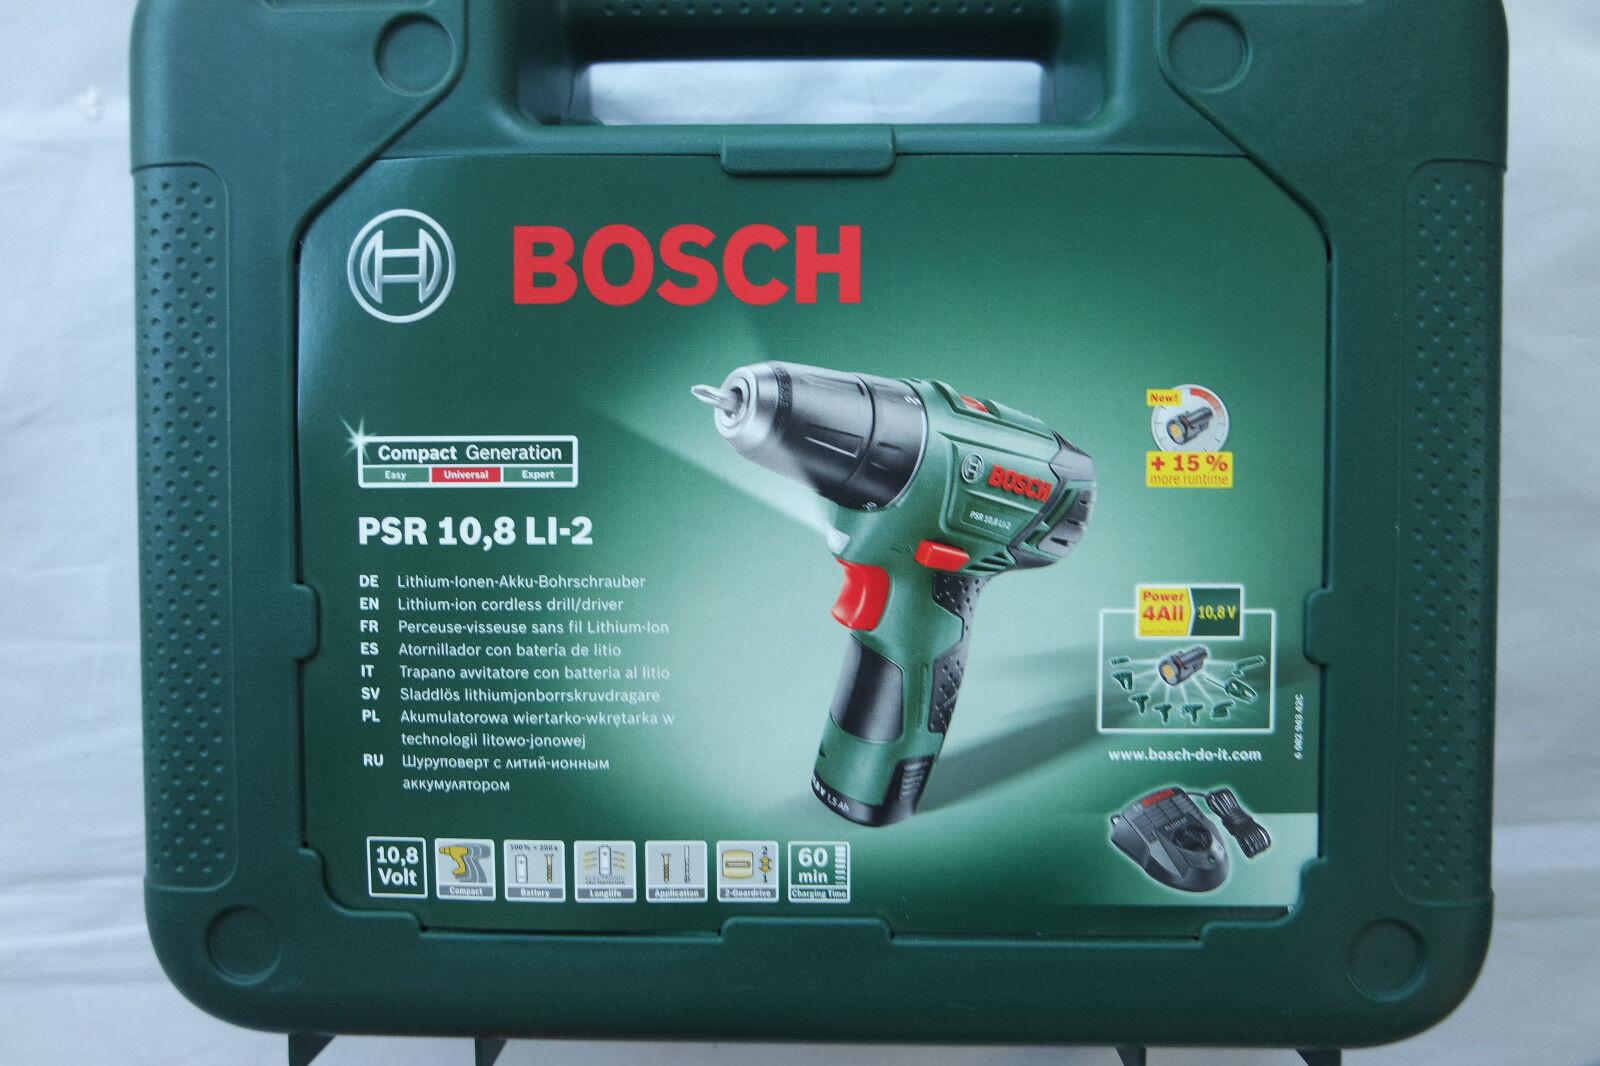 BOSCH Akku-Bohrschrauber PSR 10,8 LI-2 im Koffer